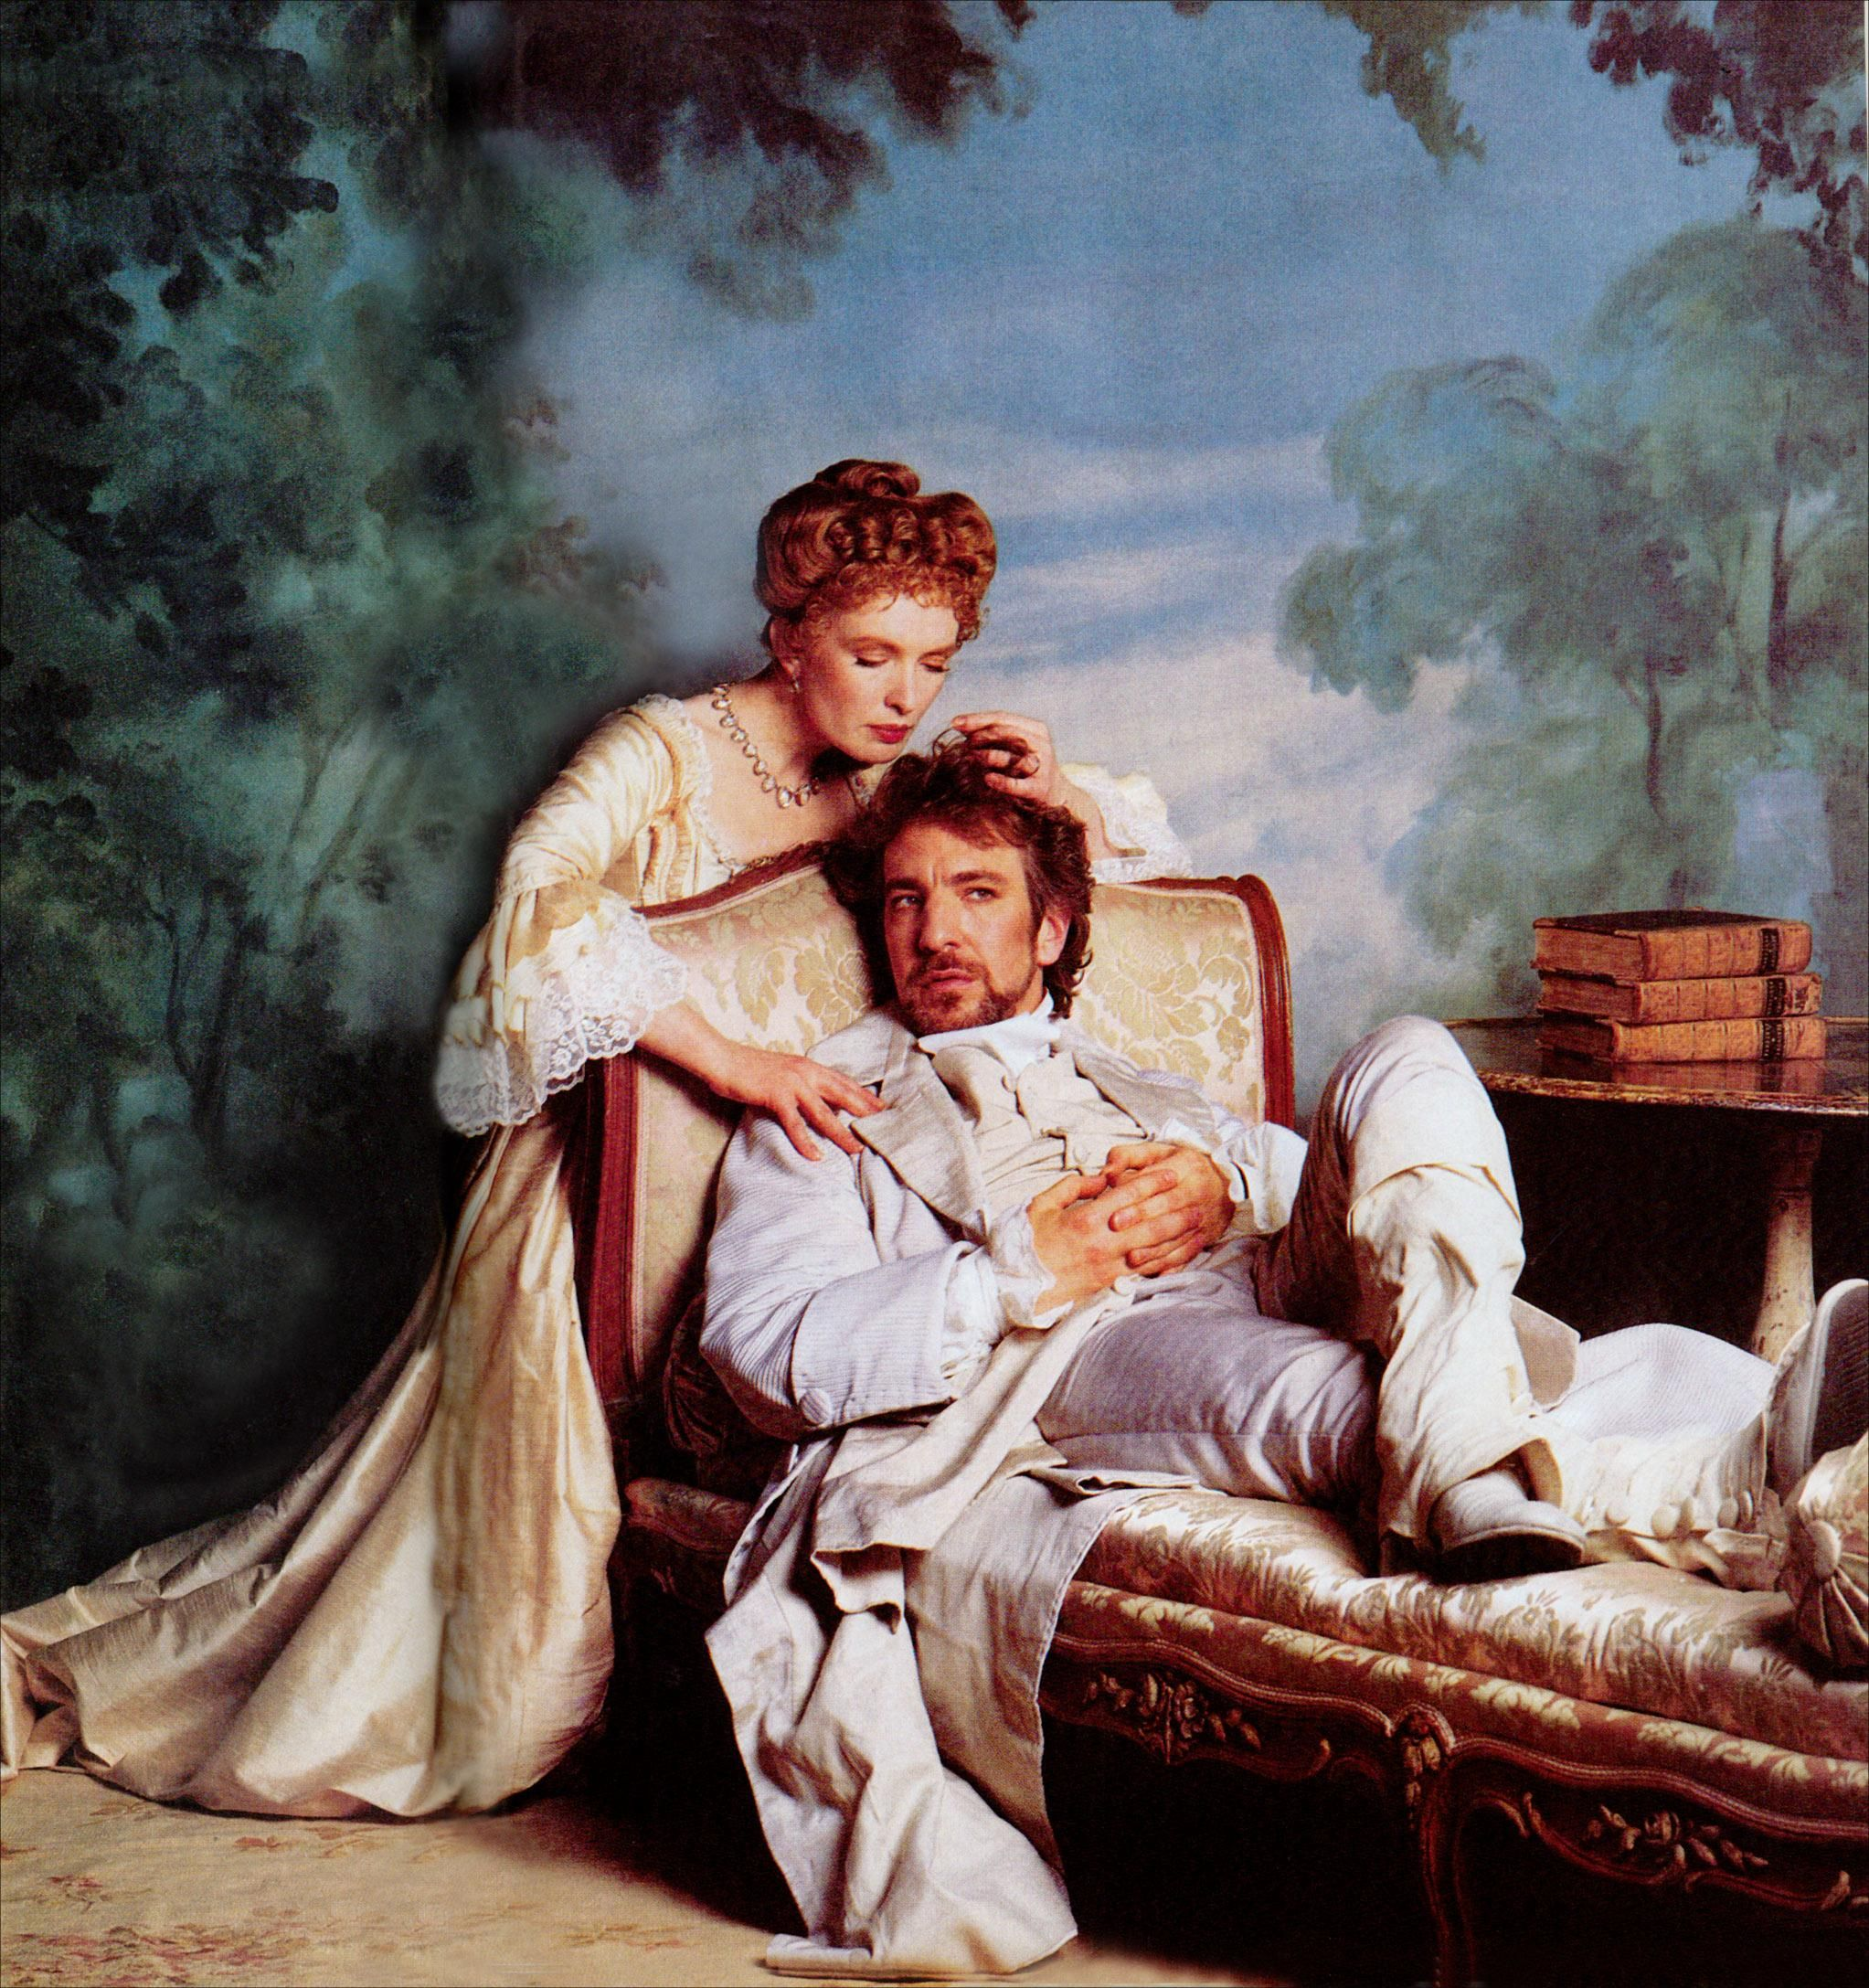 Lindsay Duncan (Marquise de Merteuil) et Alan Rickman (Valmont) dans Les Liaisons Dangereuses